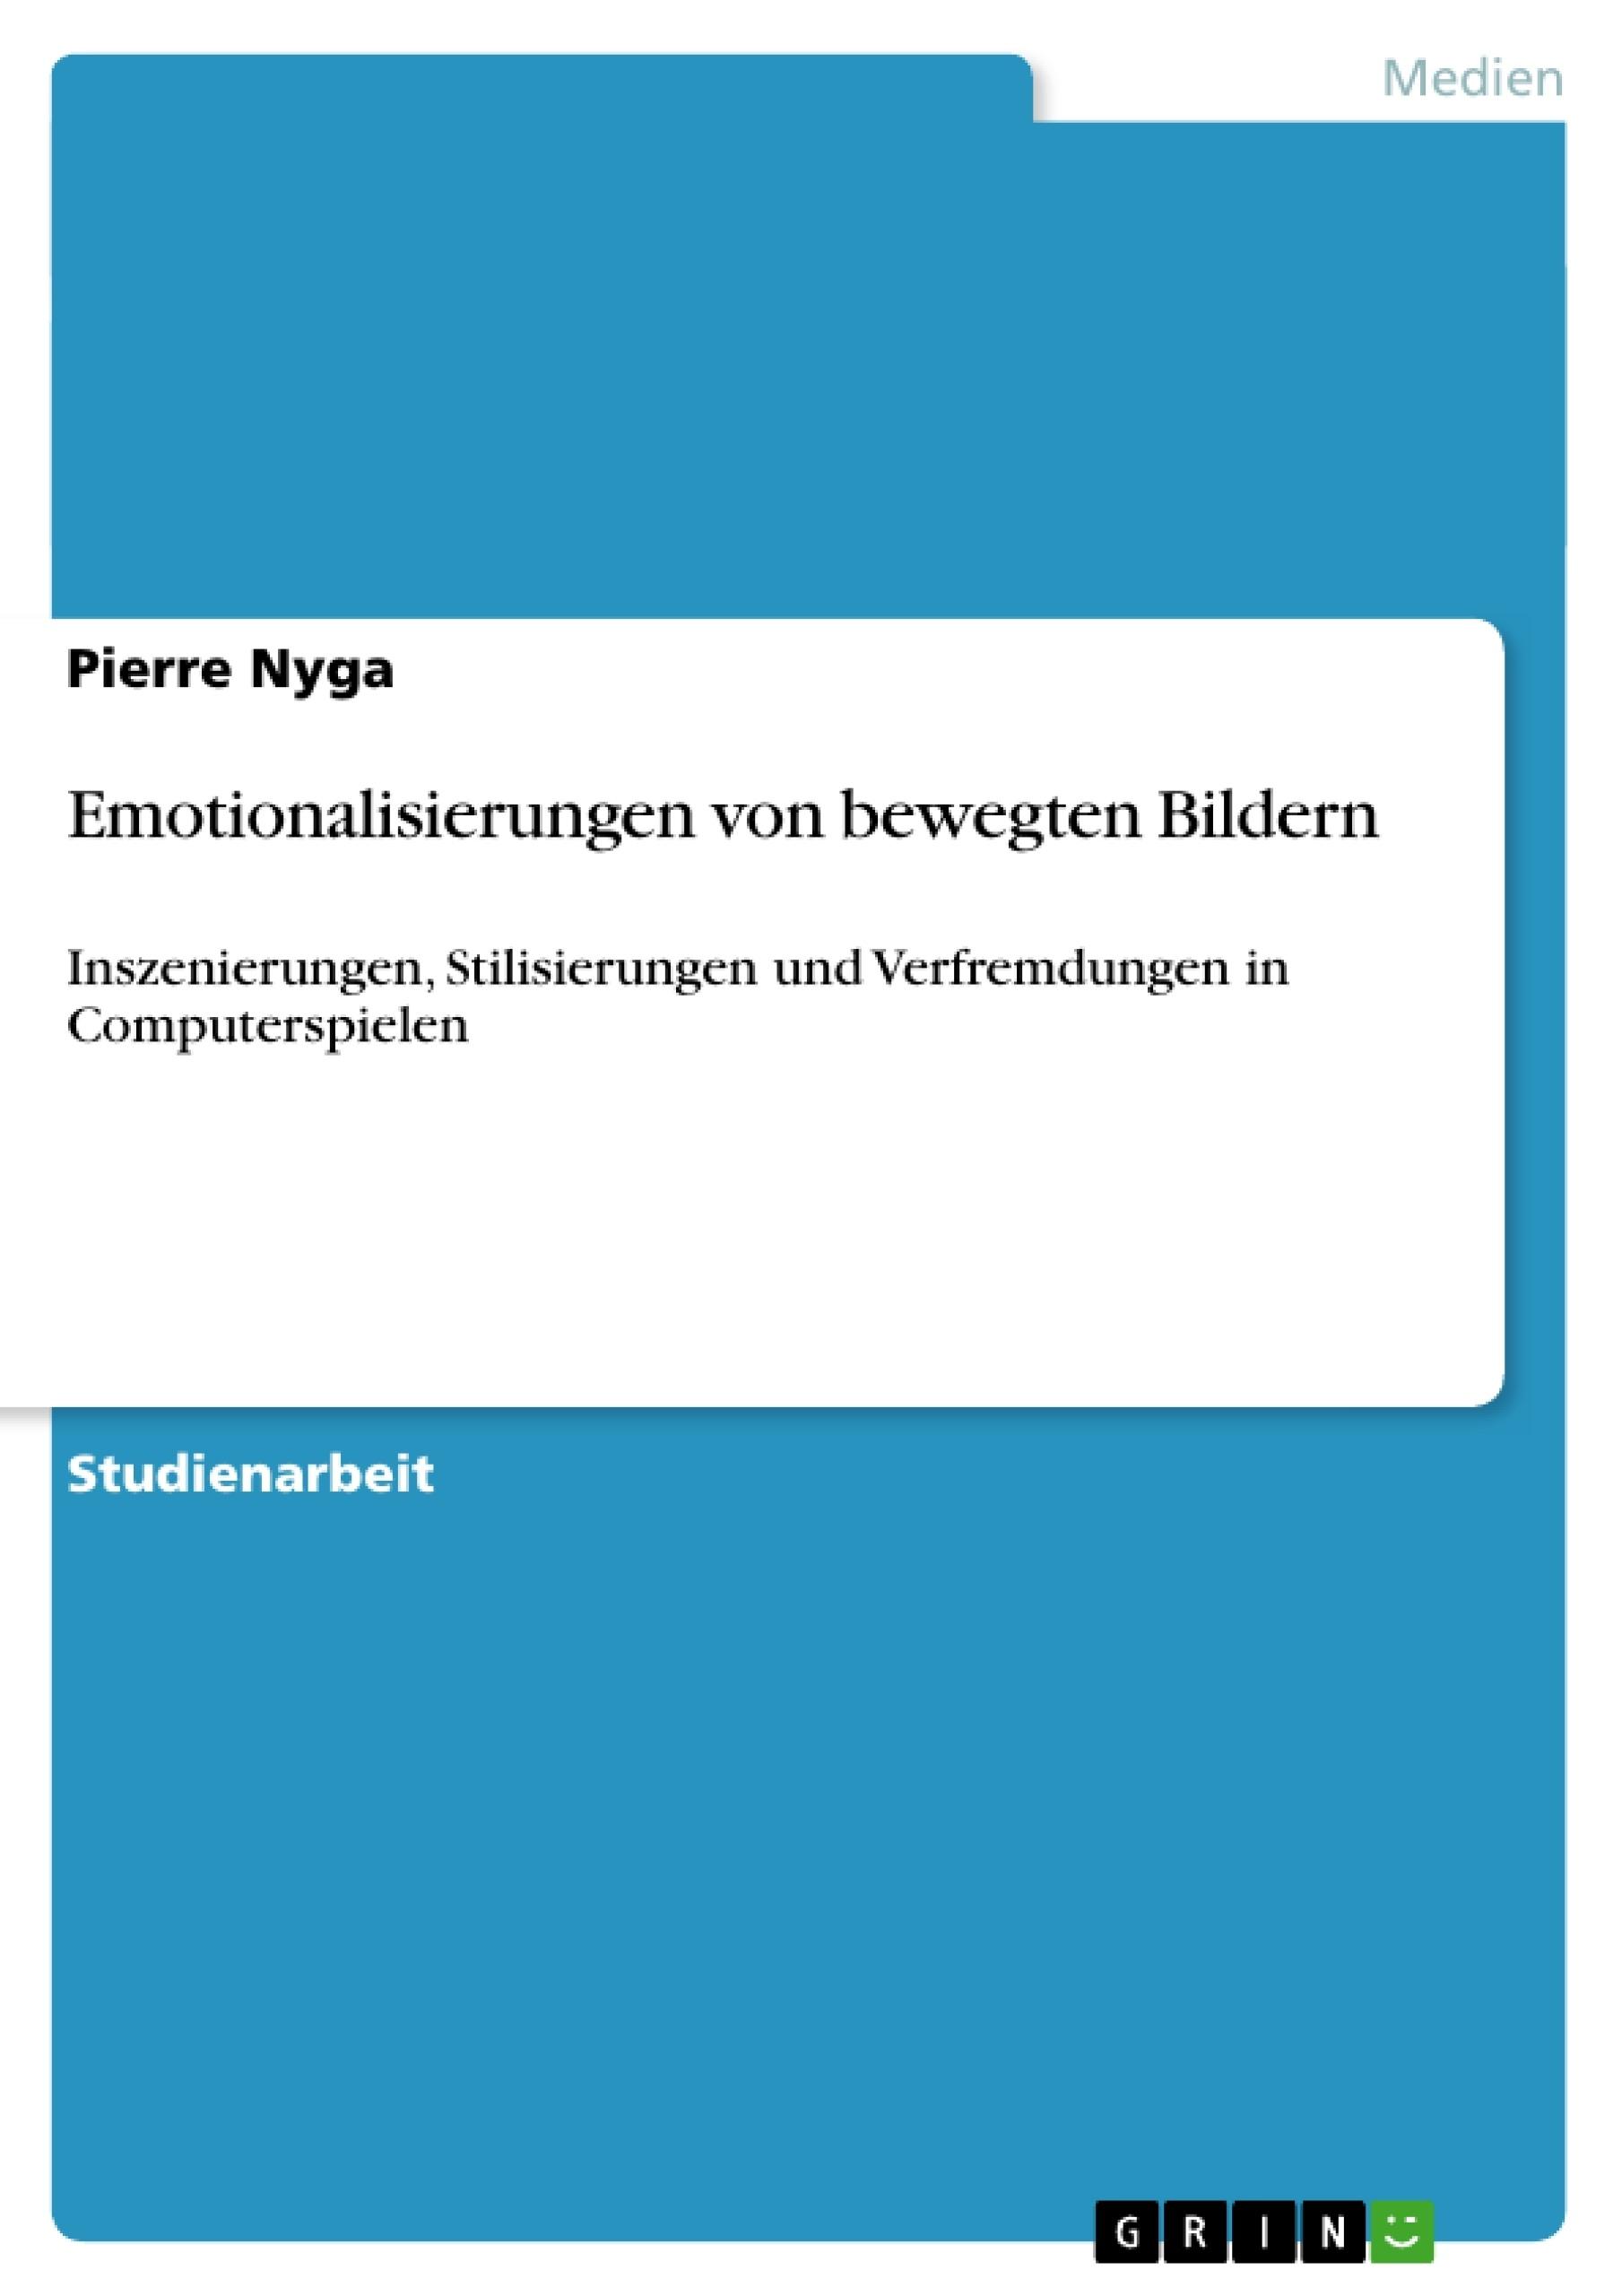 Titel: Emotionalisierungen von bewegten Bildern